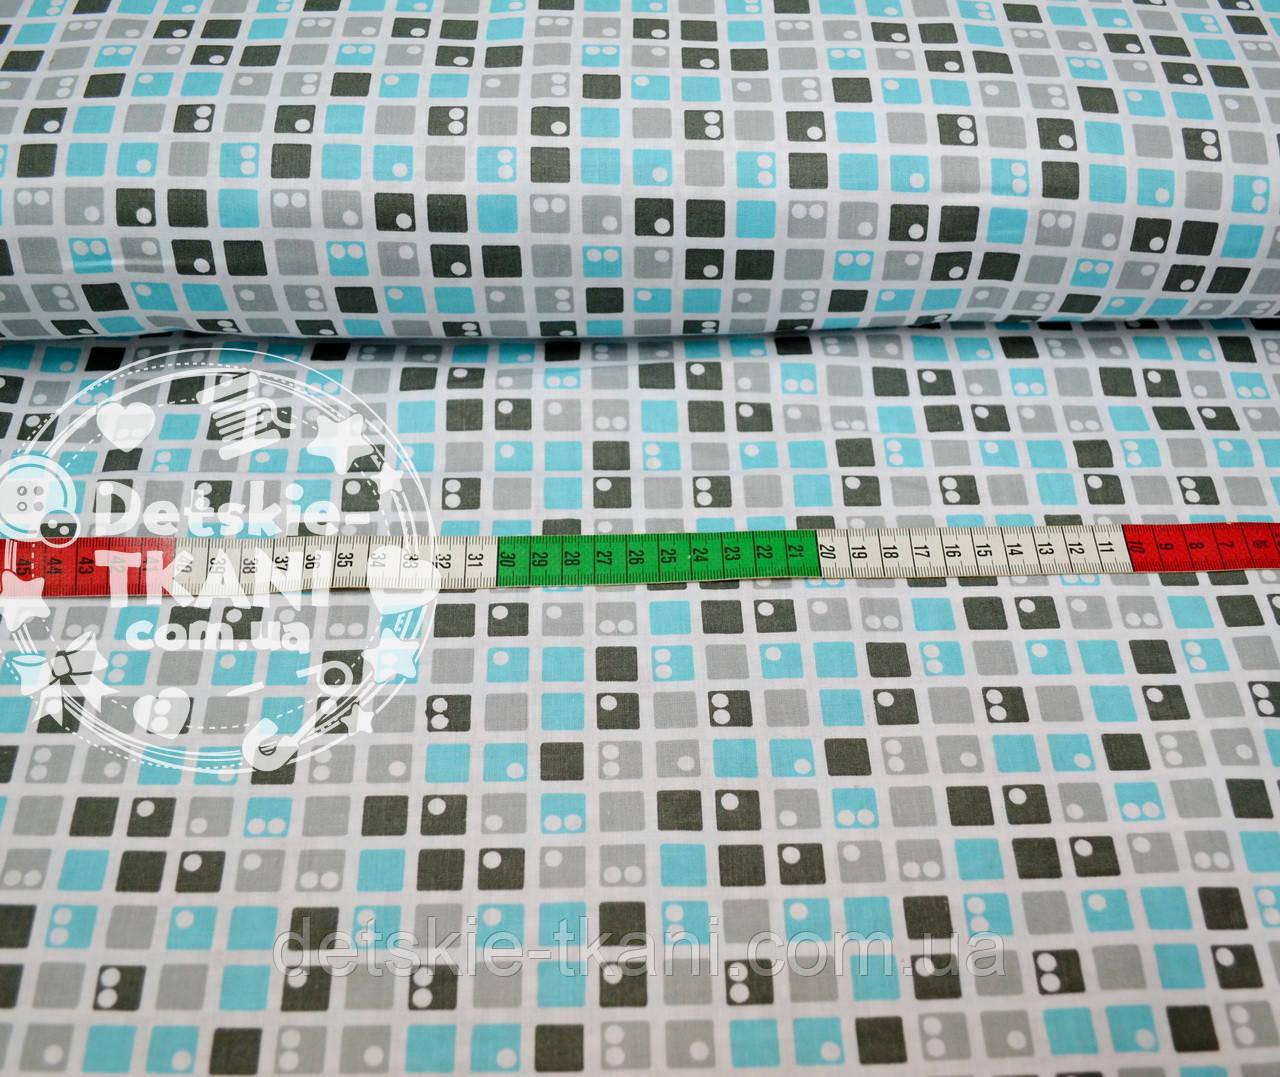 Ткань хлопковая: квадратики с точками серого, голубого и графитового цвета